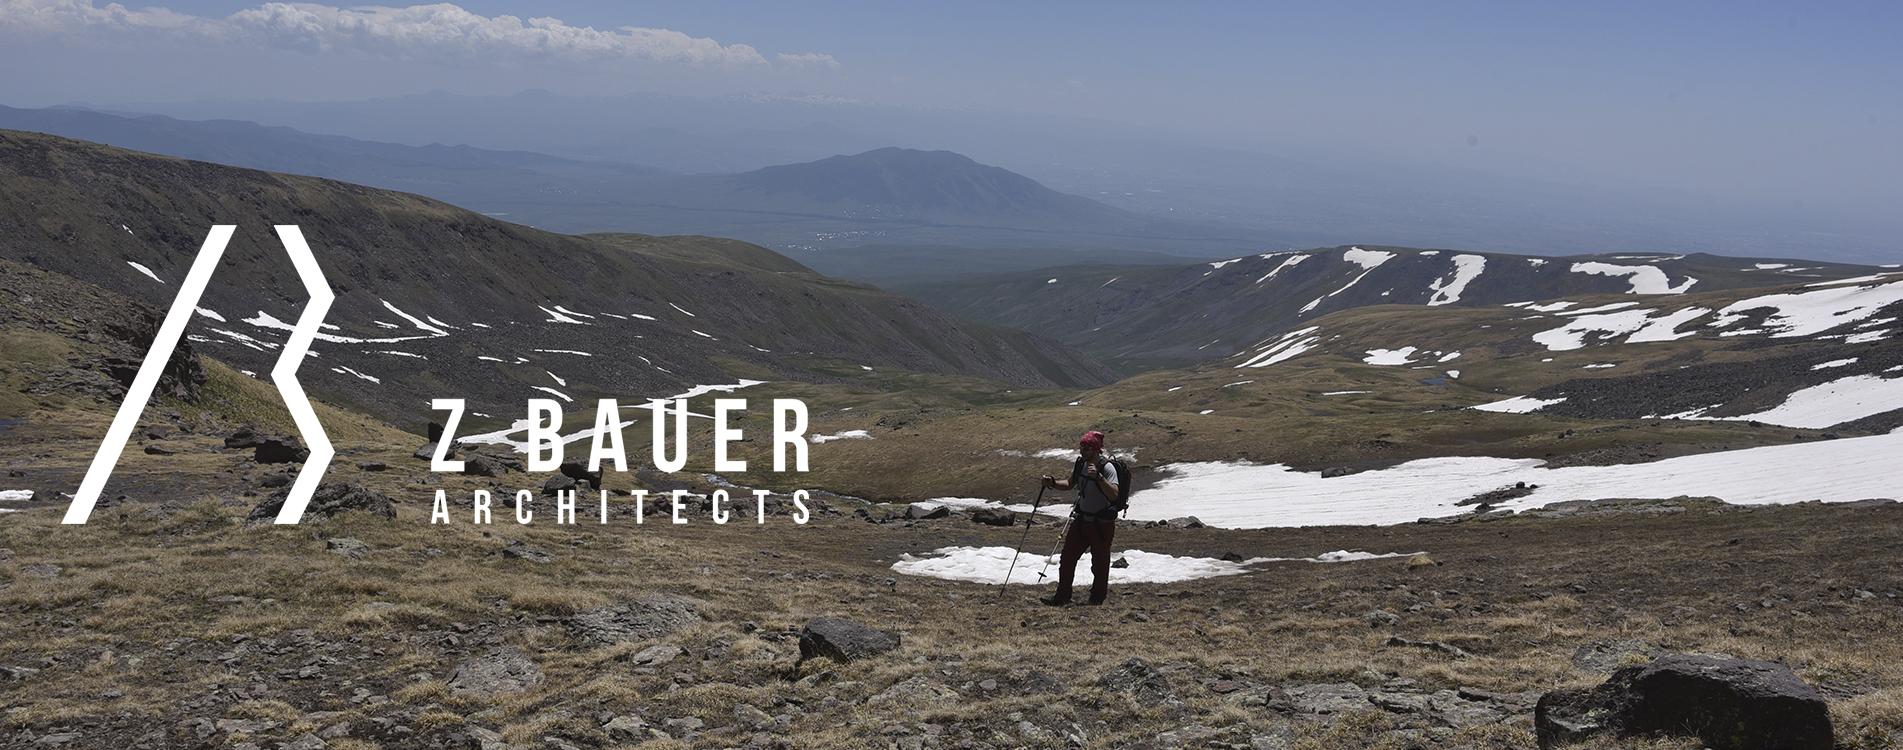 Zohrab Bauer Architect Nature Mt Ararat 25